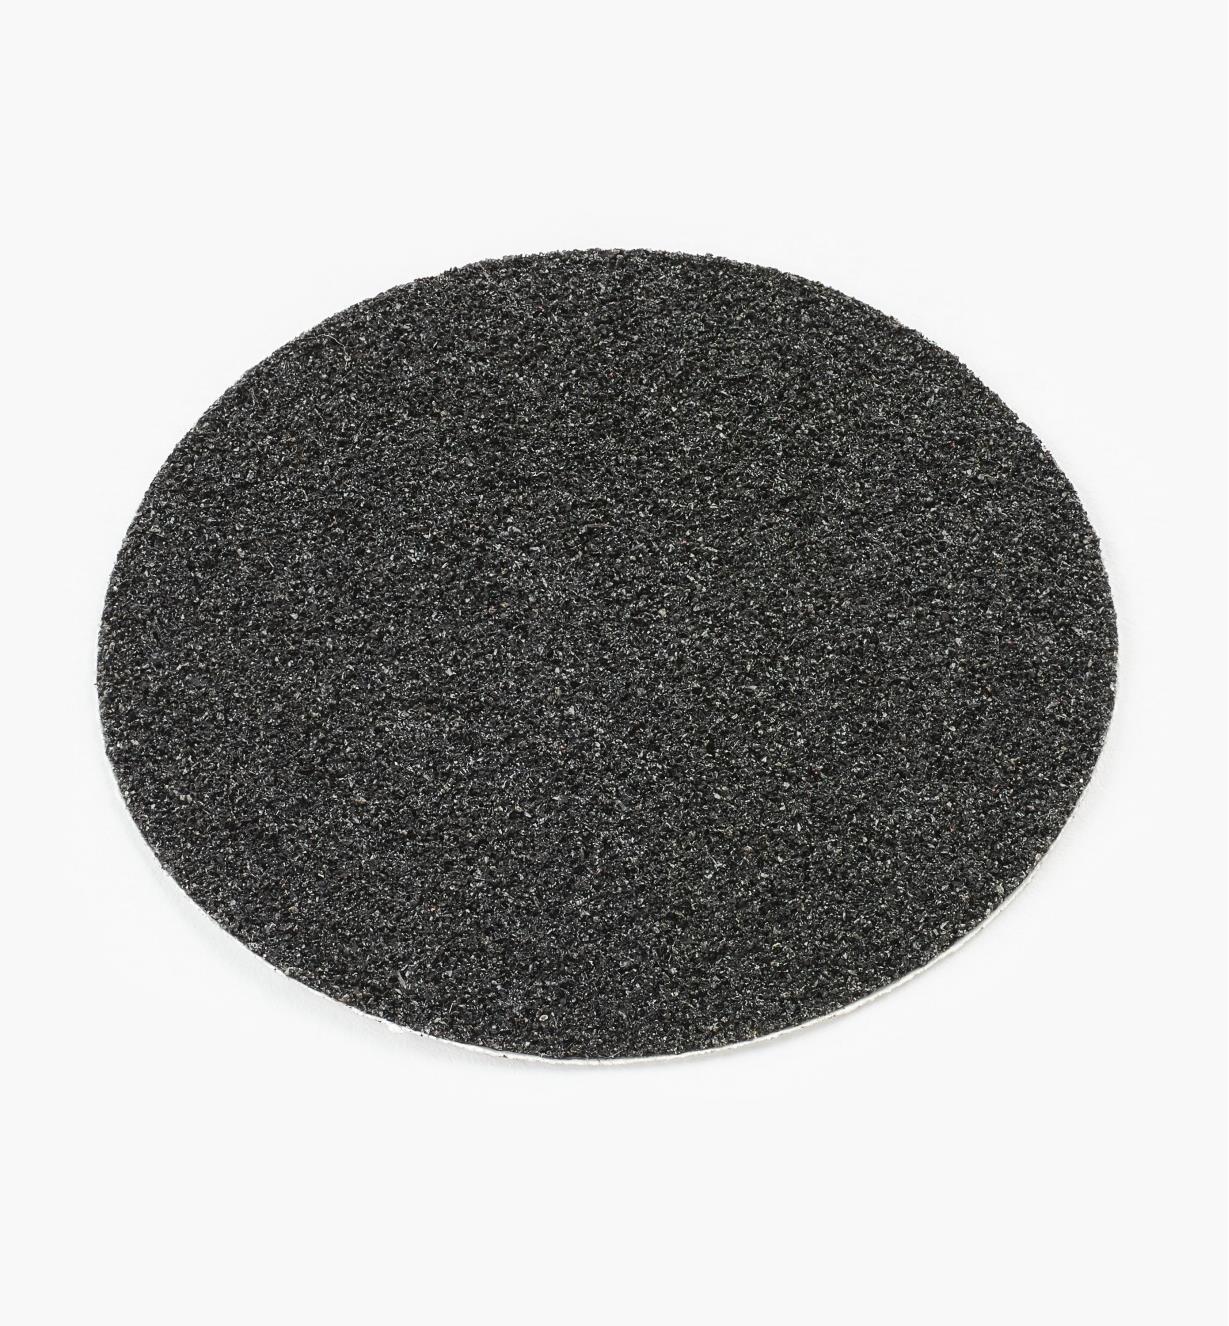 25K0132 - Pastilles noires de 2po (25)